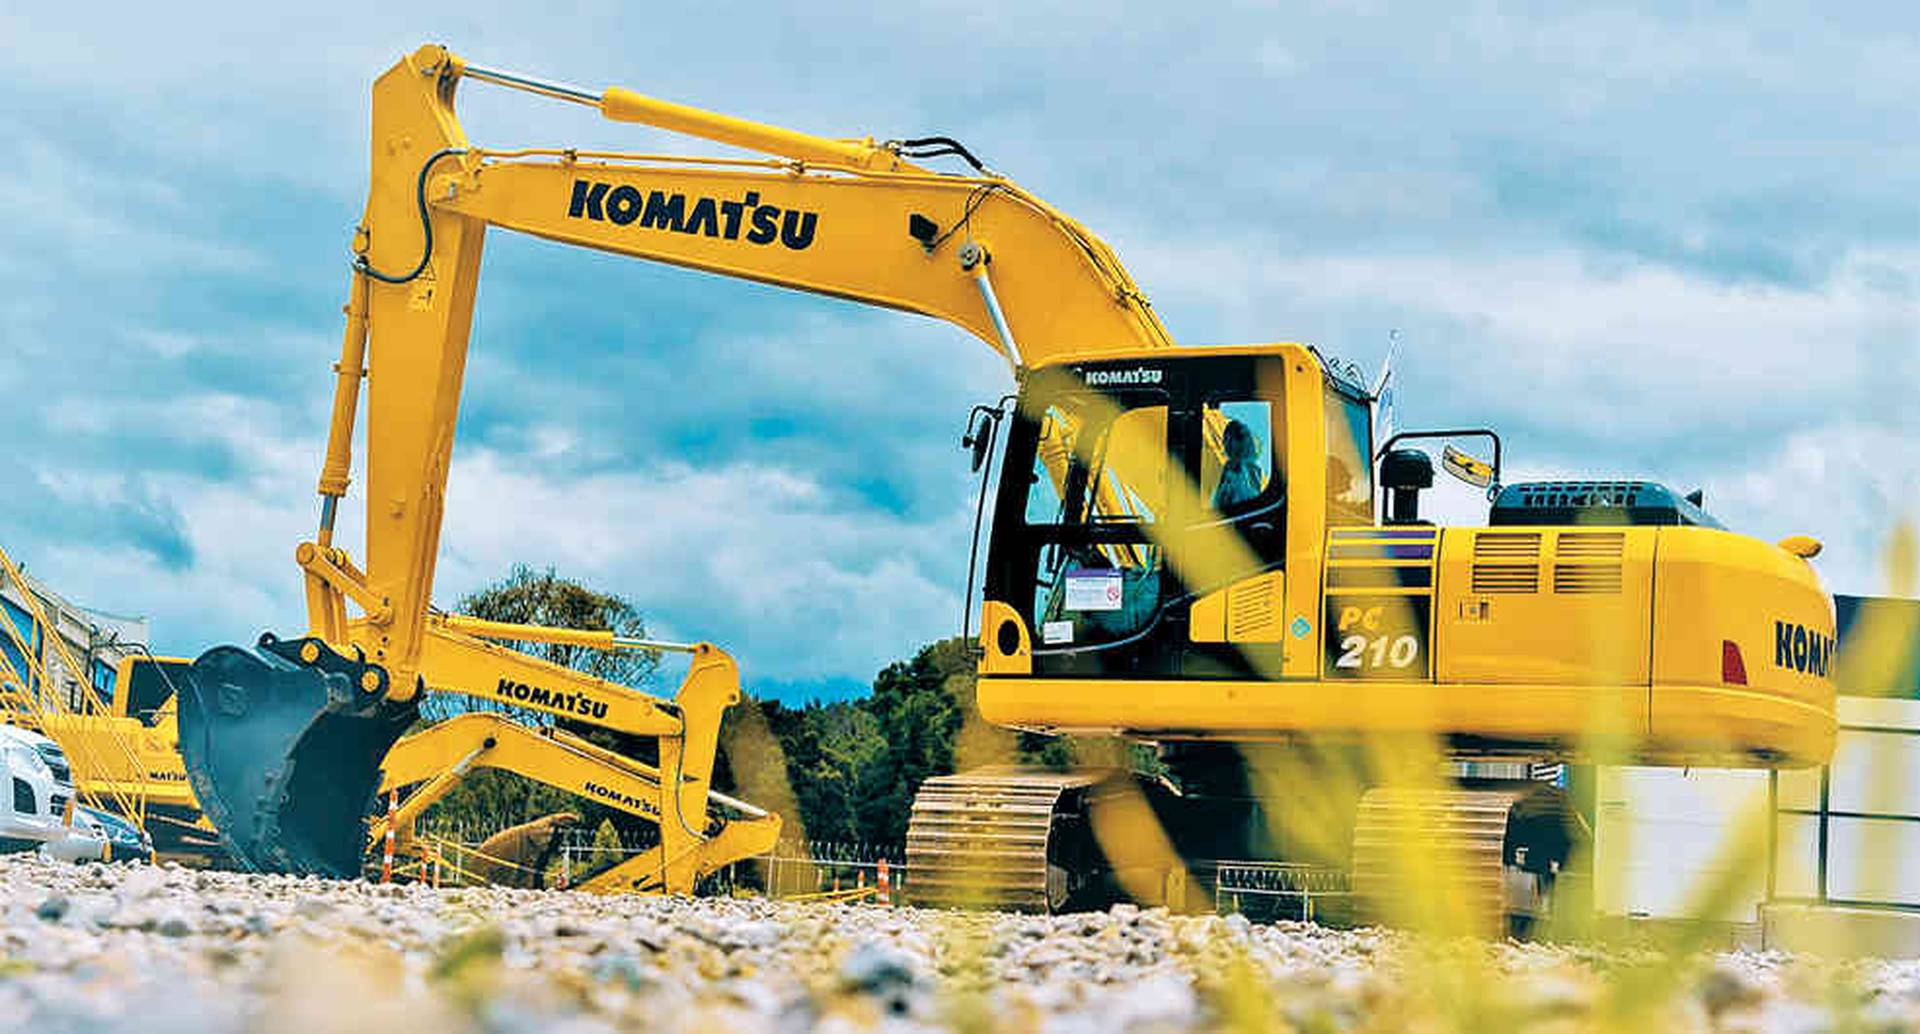 Con maquinaria de última tecnología y soporte técnico, Komatsu apoya las obras de infraestructura en Colombia.